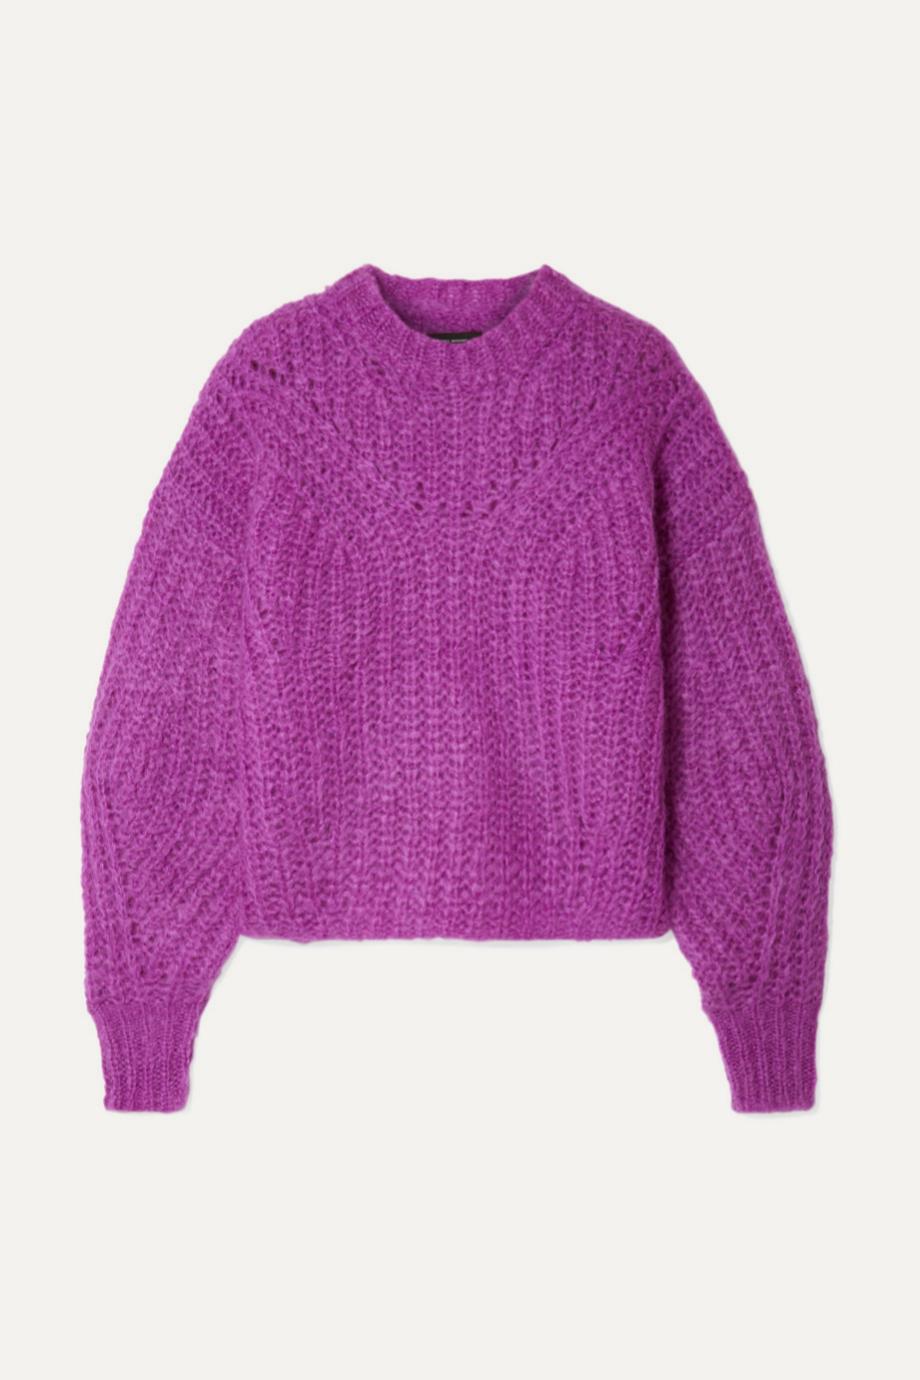 Jersey de mohair en color morado de Isabel Marant